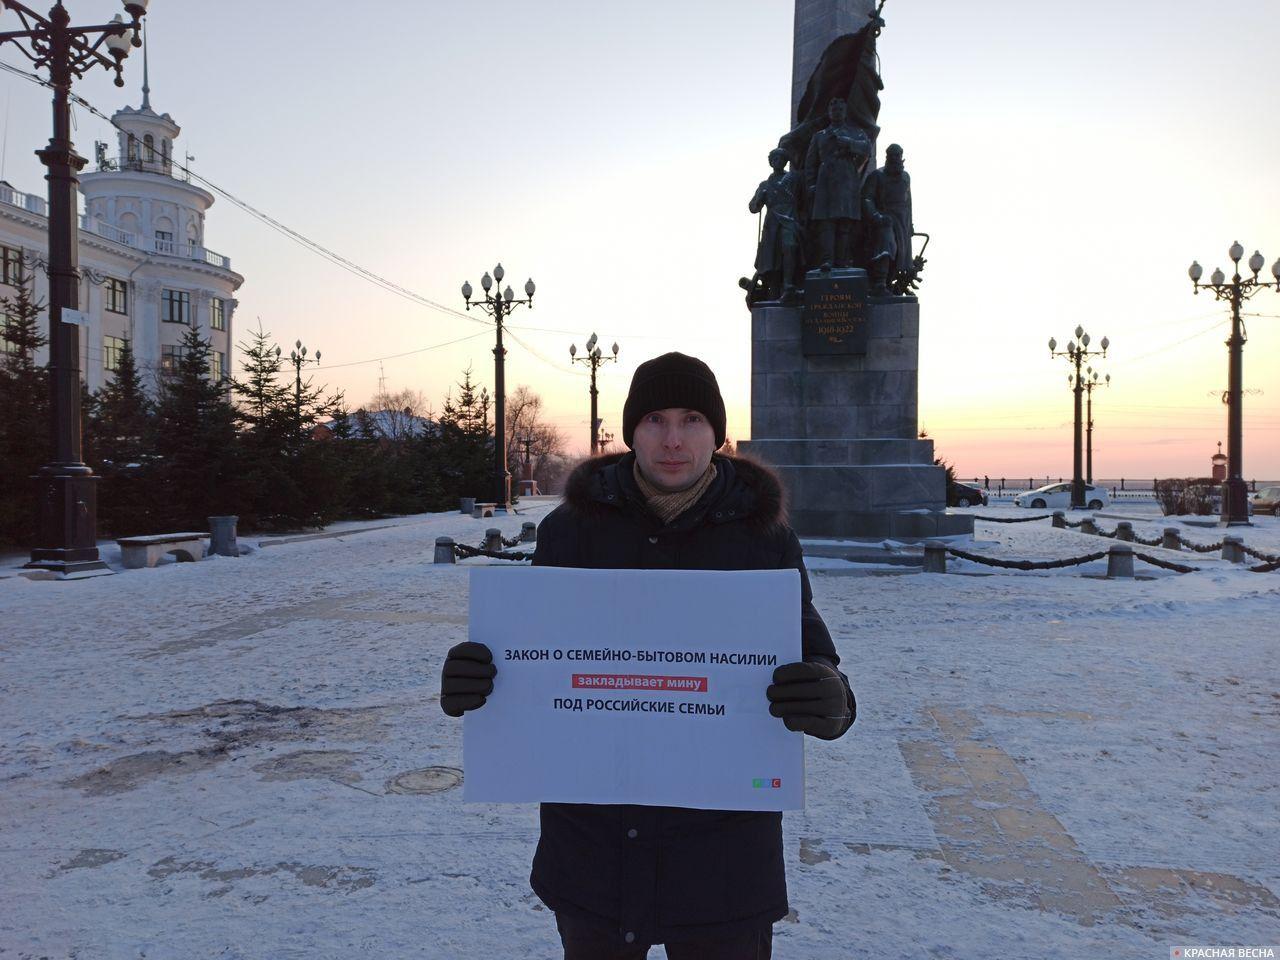 Пикет против закона о семейно-бытовом насилии. Хабаровск